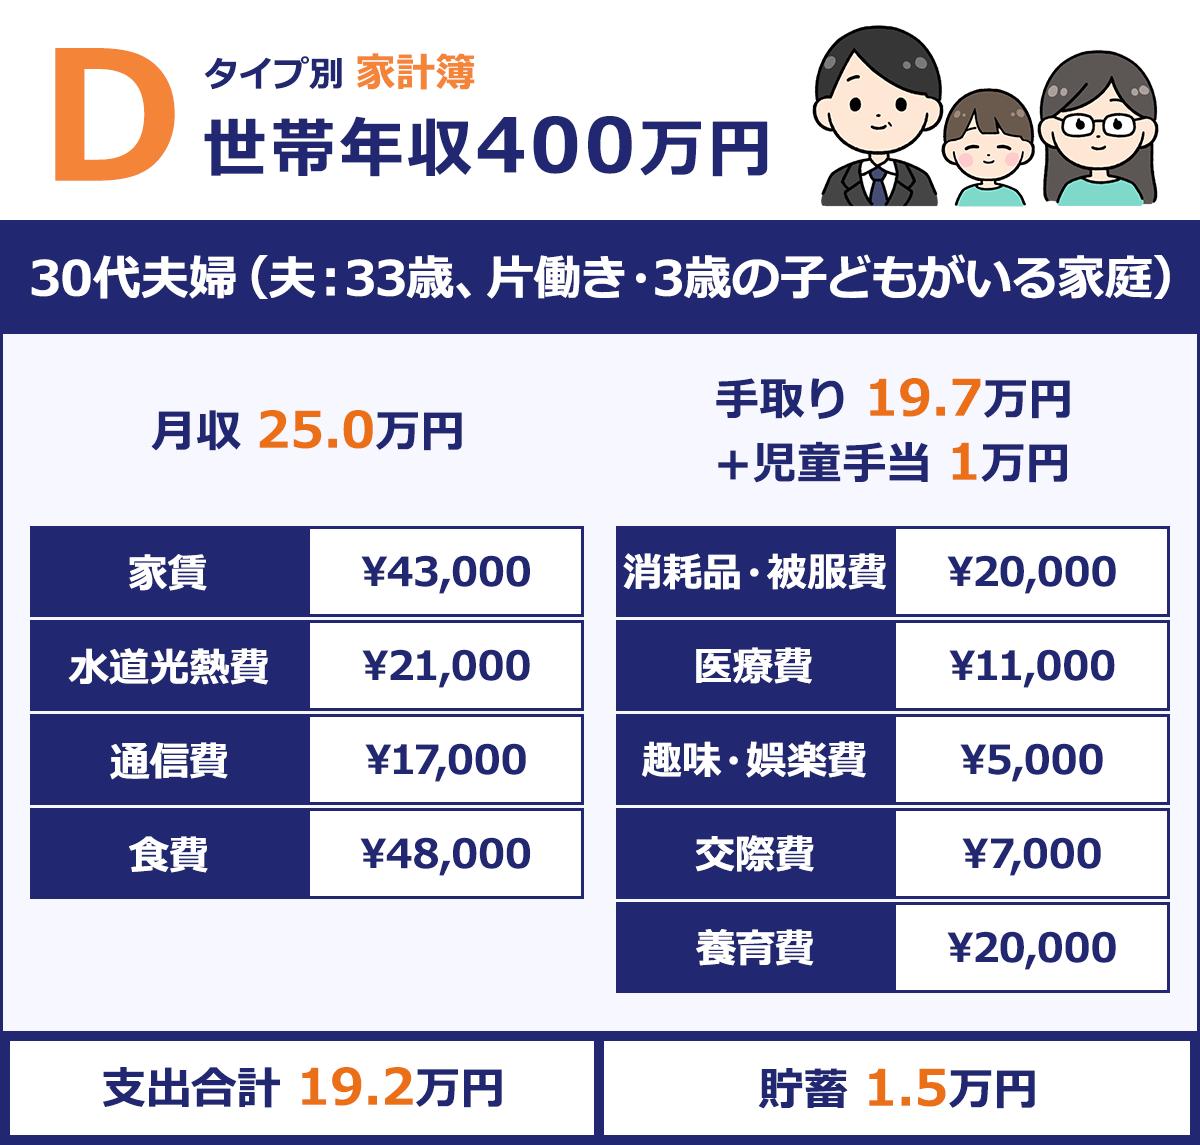 【30代夫婦(夫:33歳、片働き・3歳の子どもがいる家庭)】 |月収/25.0万円 |手取り/約19.7万円+1万円 |家賃/¥43,00 |消耗品・被服費/¥20,000 |水道光熱費/¥21,000 |医療費/¥11,000 |通信費/¥17,000 |趣味・娯楽費/¥5,000 |食費/¥48,000 |交際費/¥7,000 |養育費/\20,000 |支出合計/19.2万円 |貯蓄/1.5万円